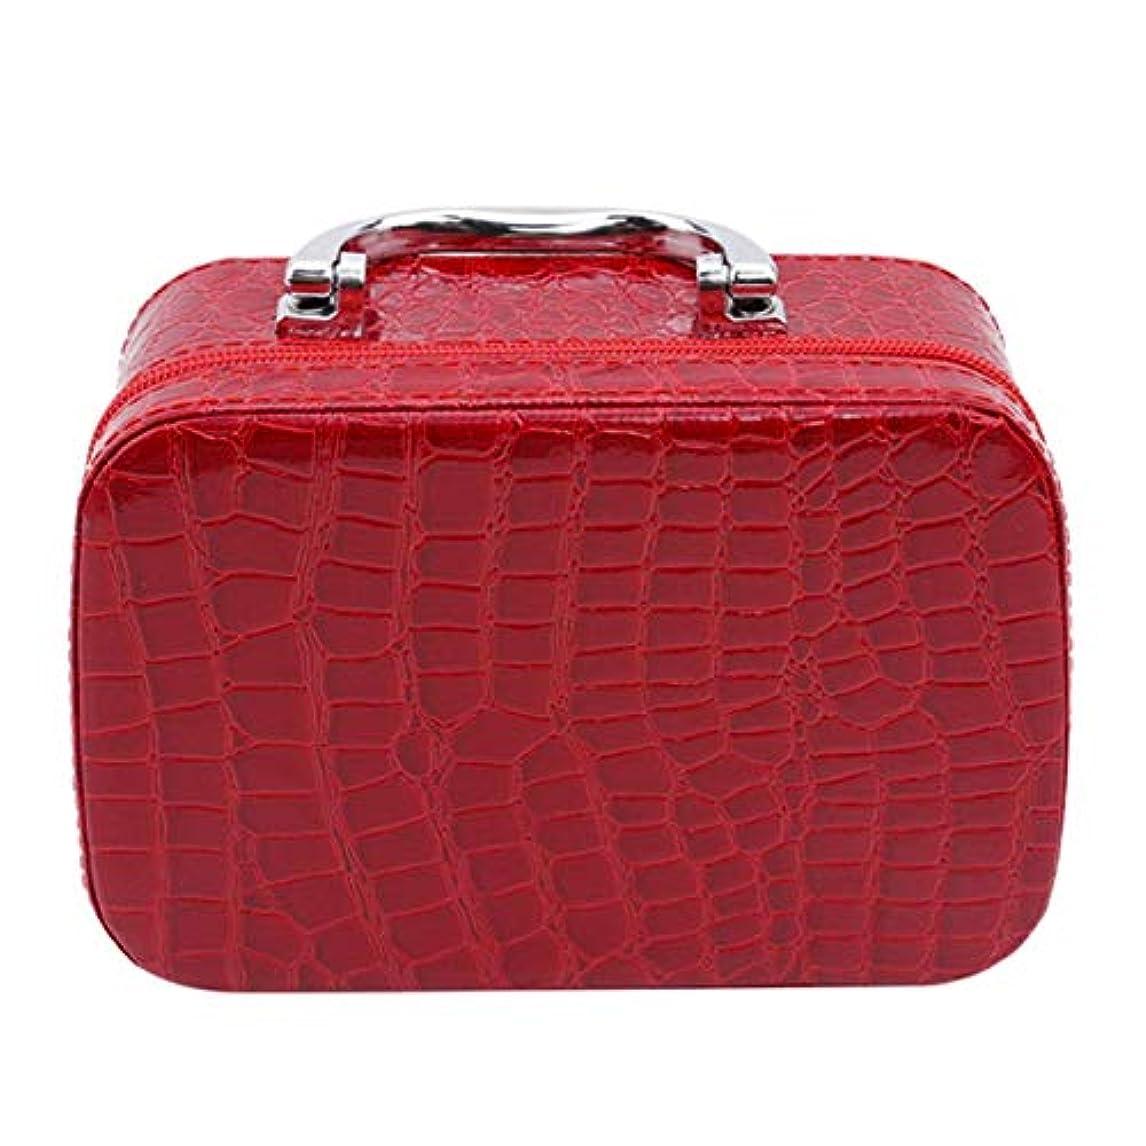 ブランデー一時的官僚1st market ミラーが付いている優れた旅行携帯用化粧品袋のオルガナイザーの女性の化粧品の箱